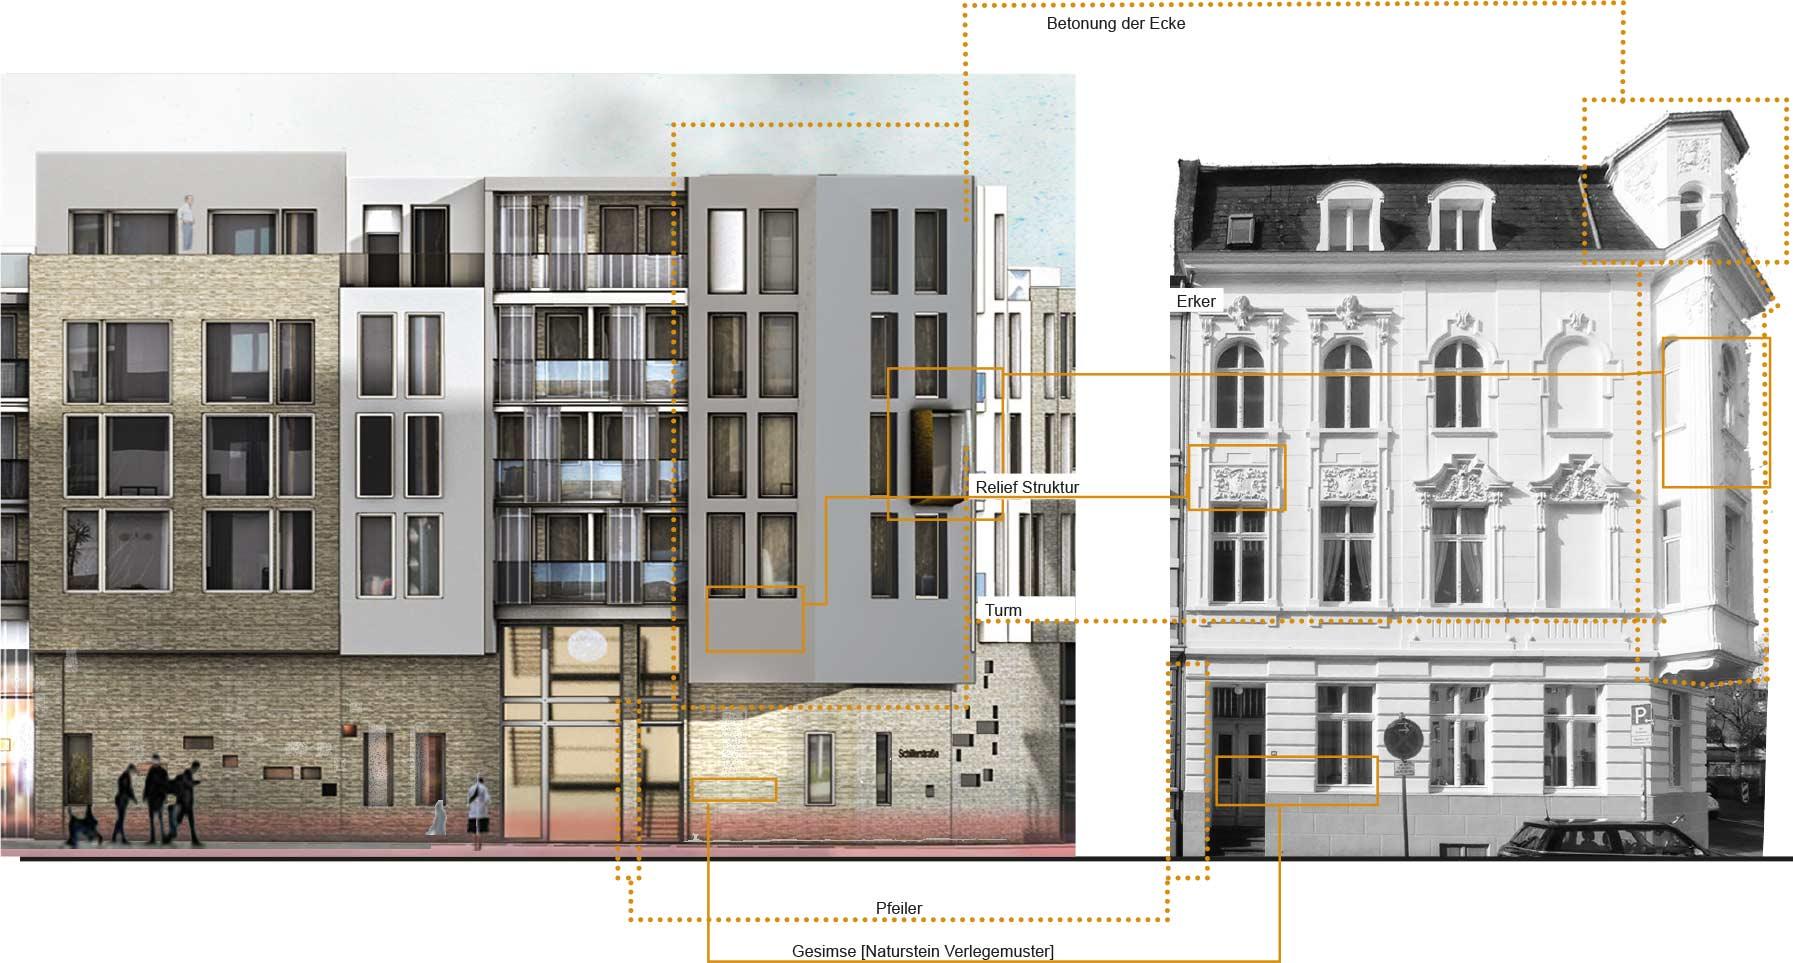 Architektur-Analogien der Gründerzeit